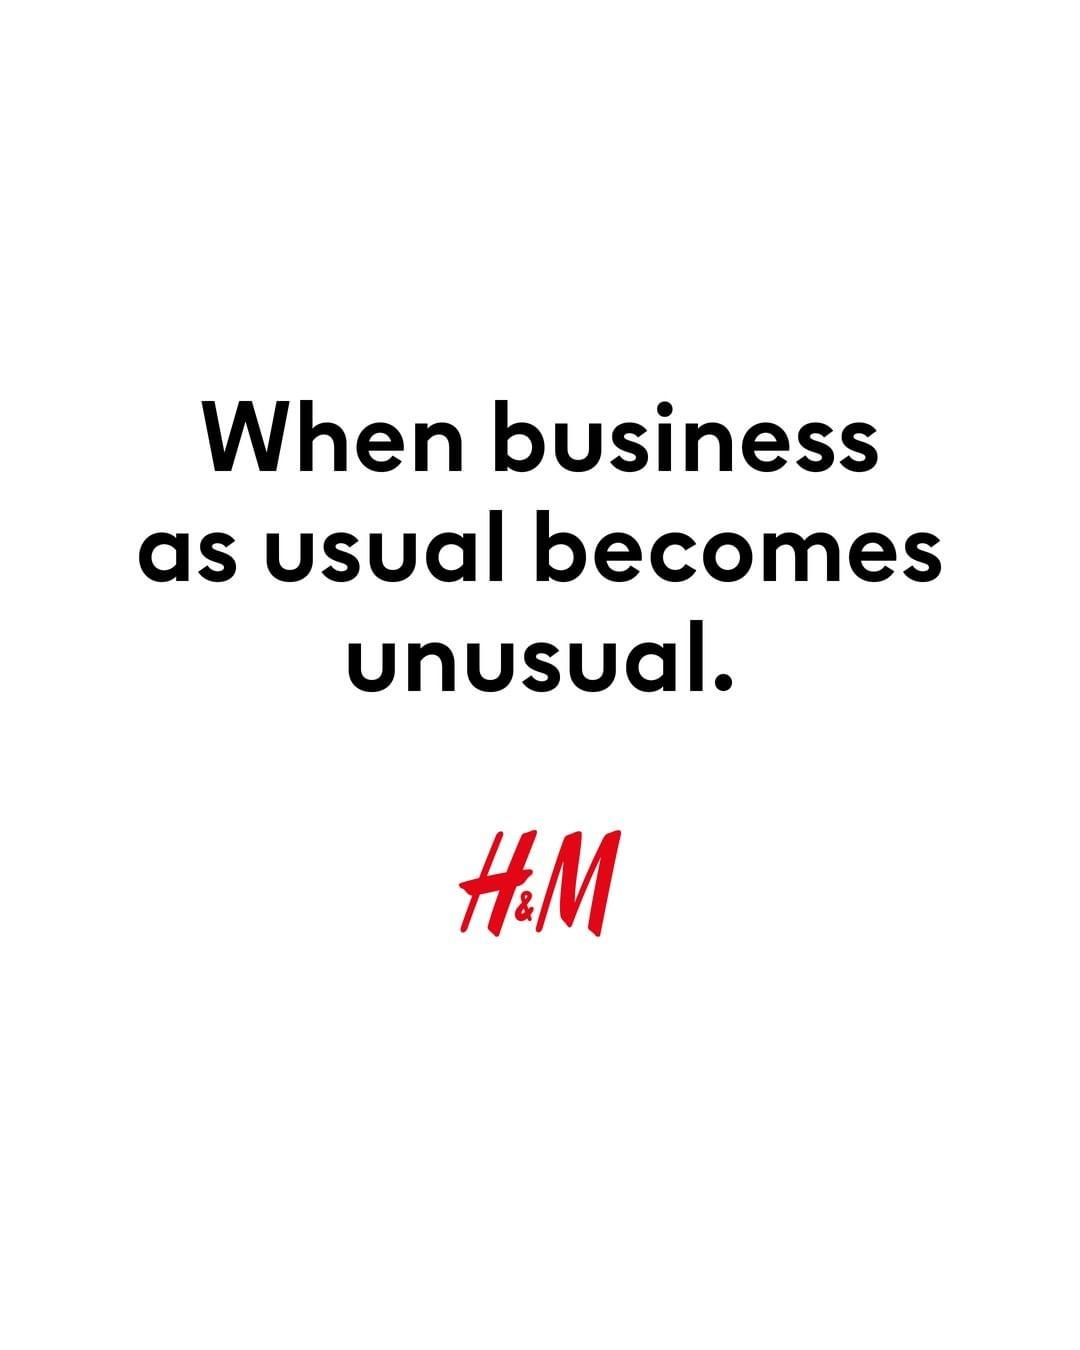 對抗疫情奢侈品集團這樣做!捐贈病房、製作口罩、生產酒精,一同出錢出力齊心抗疫